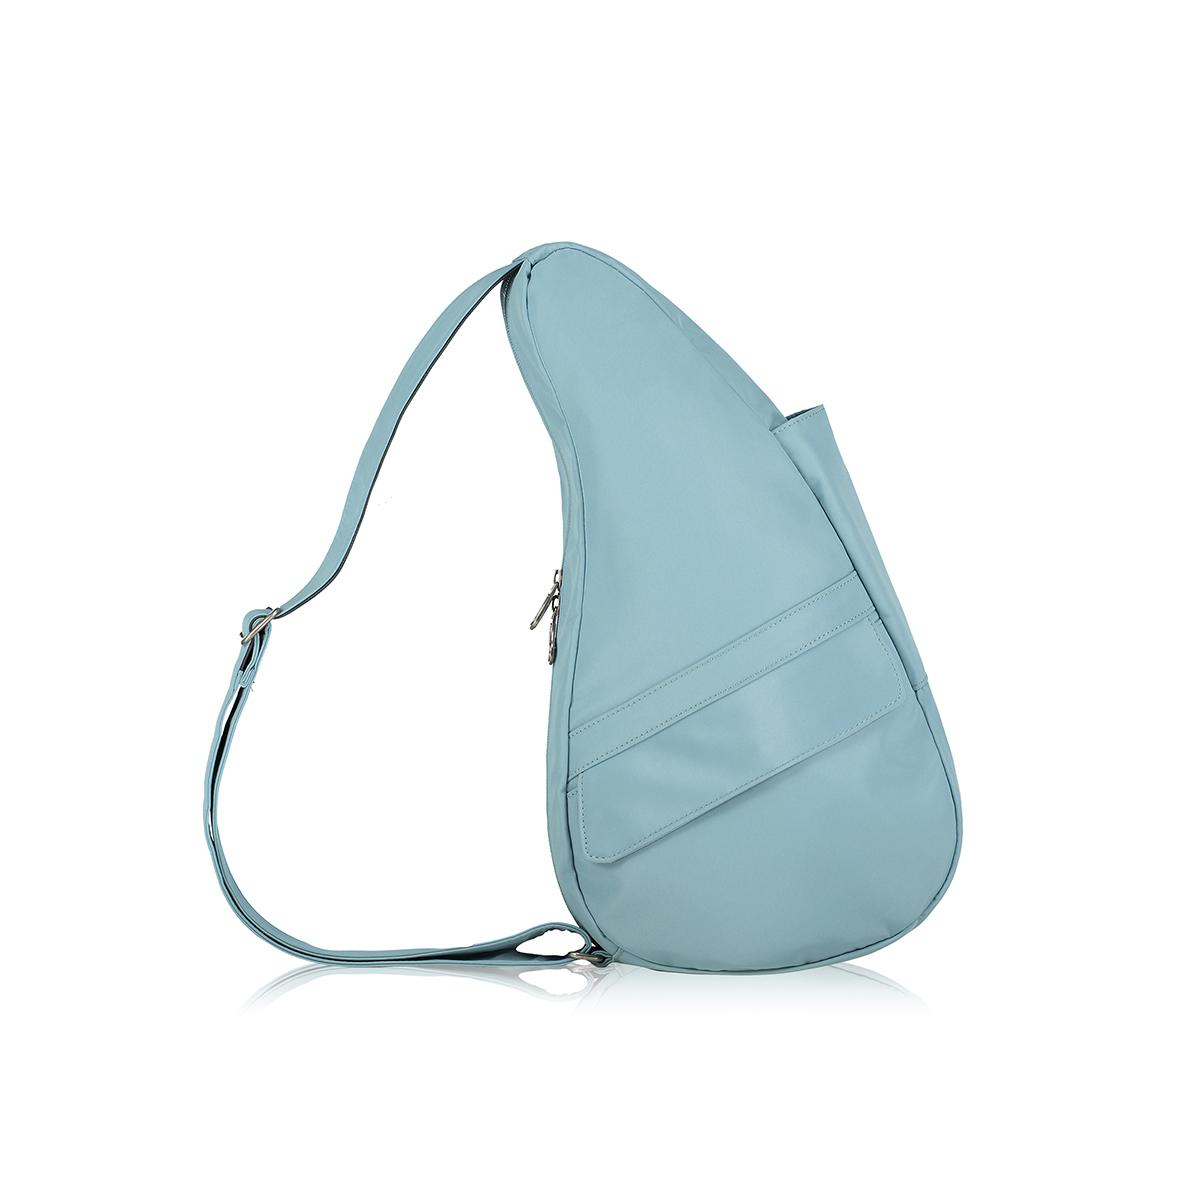 Healthy Back Bag/ヘルシーバックバッグ/ショルダーバッグ/ボディバッグ/旅行バッグ/軽量/レディース/メンズ 《限定ポーチ付》 公式ストア ヘルシーバックバッグ マイクロファイバー Sサイズ ブルーセージ